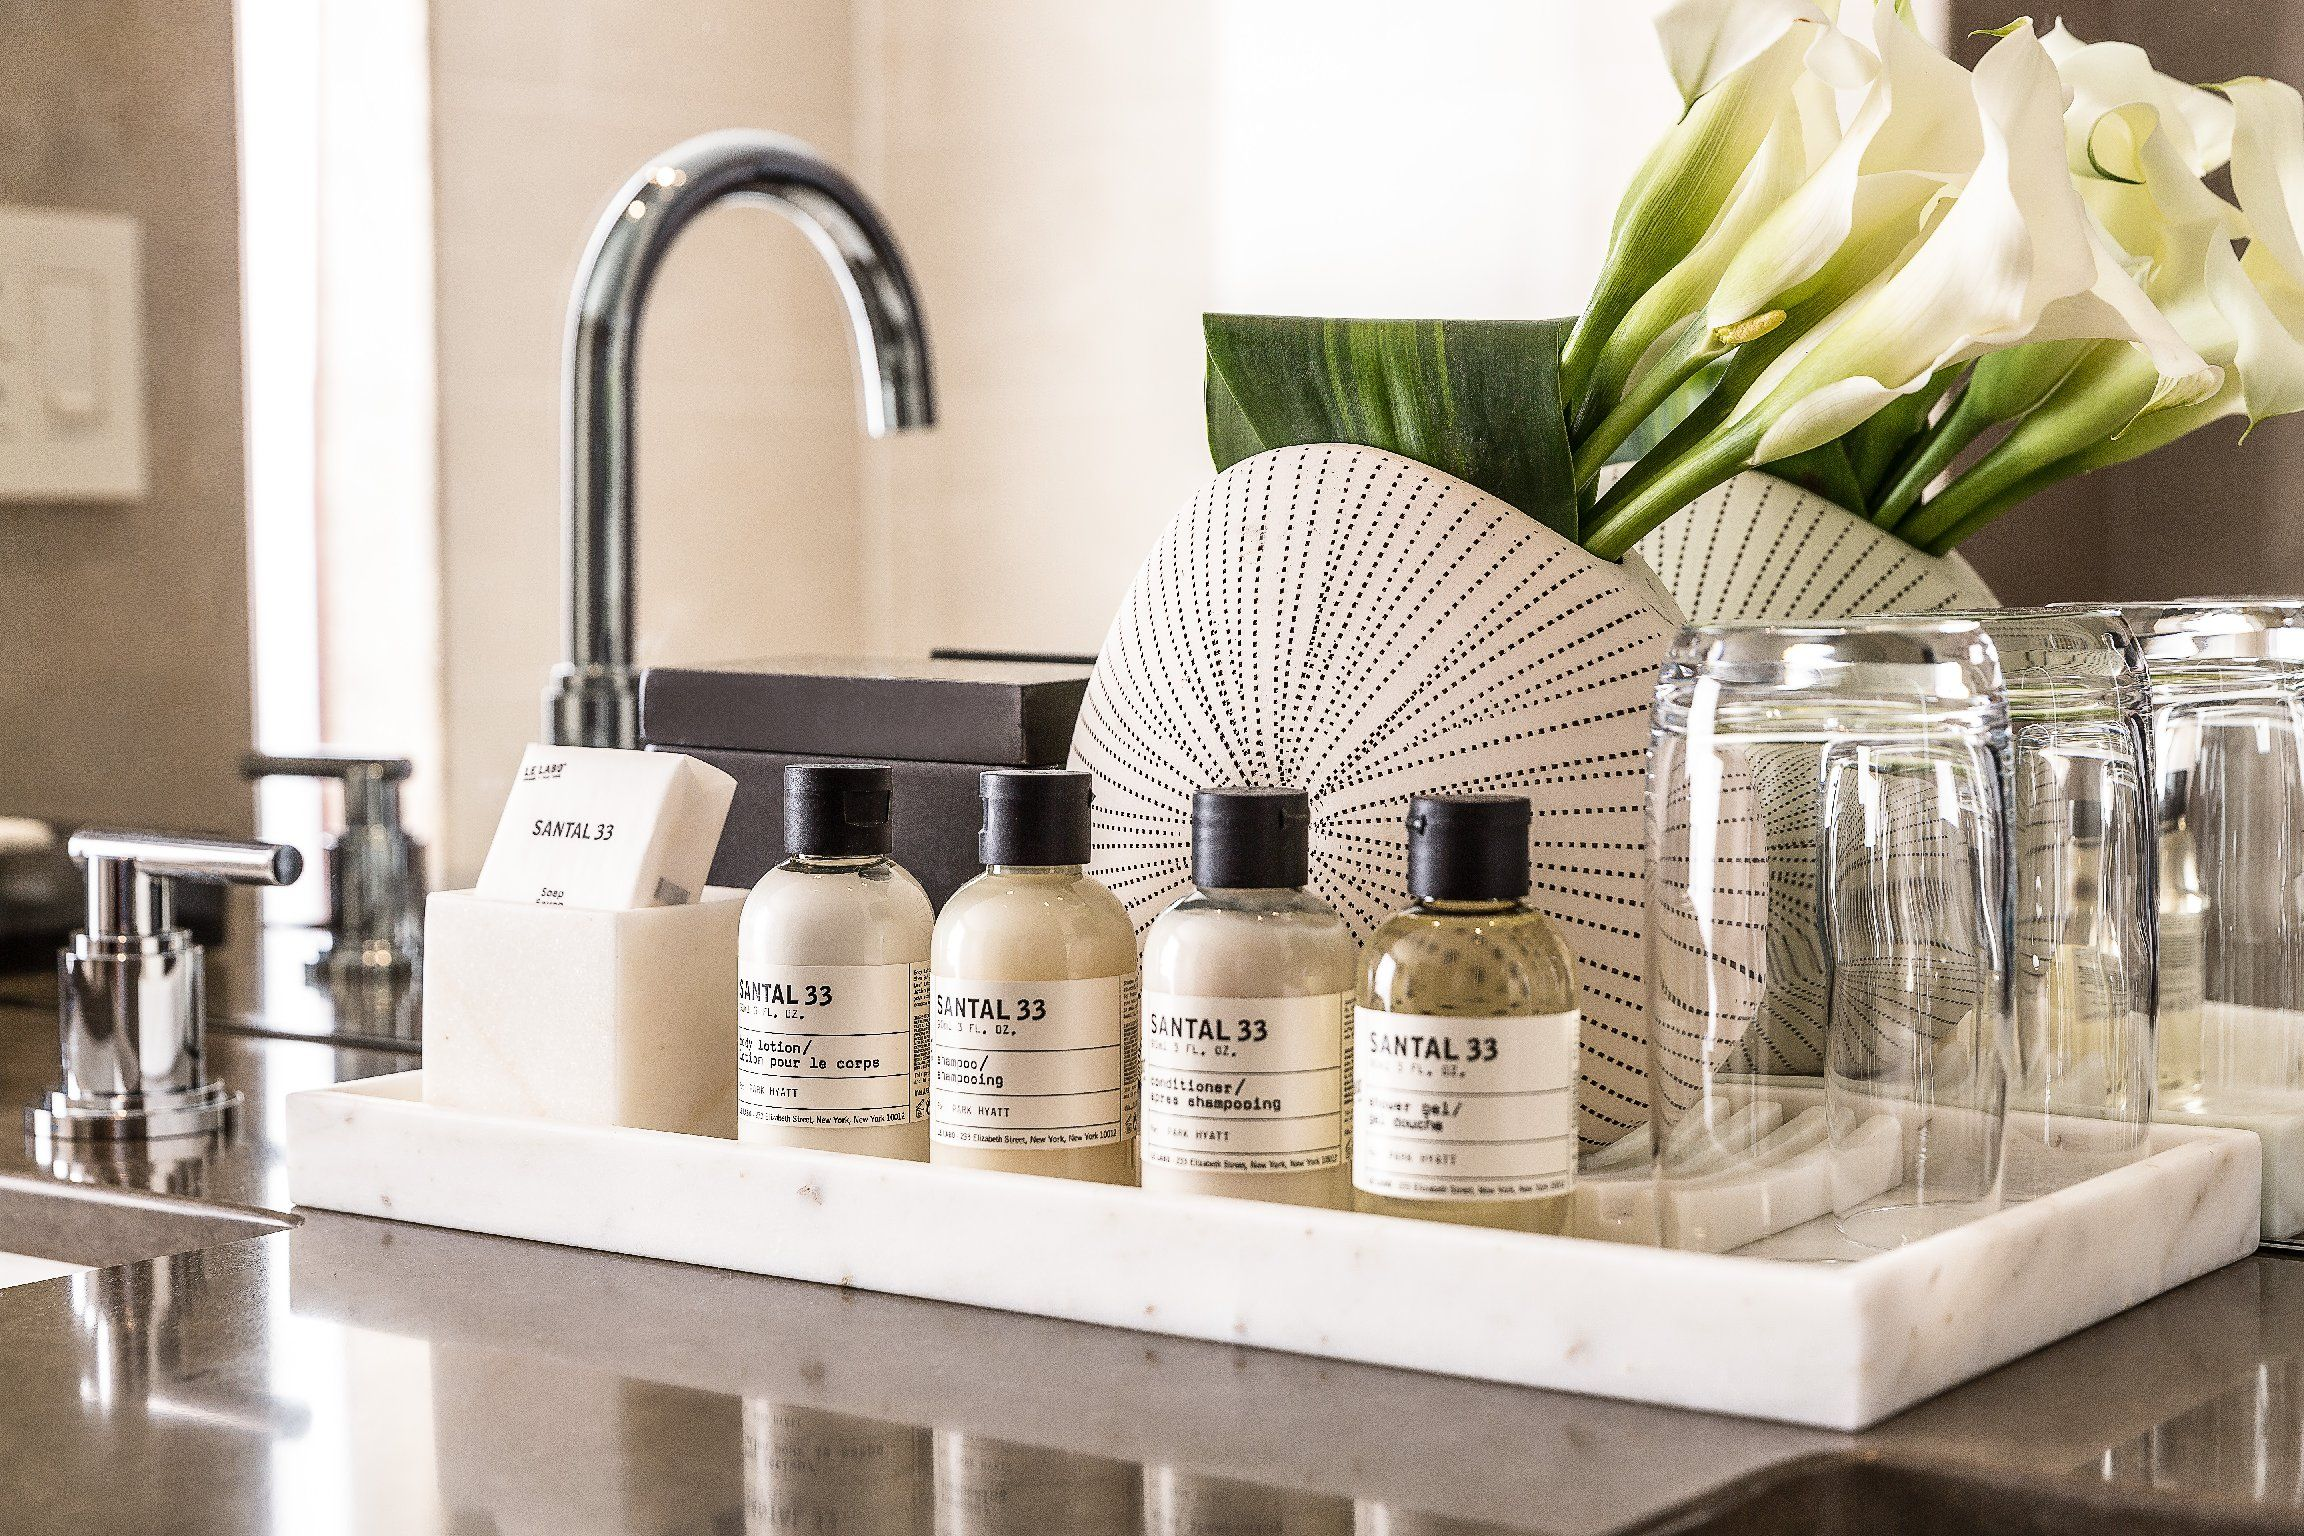 Suite Bathroom Amenities Hotel Amenities In 2019 Hotel Decor